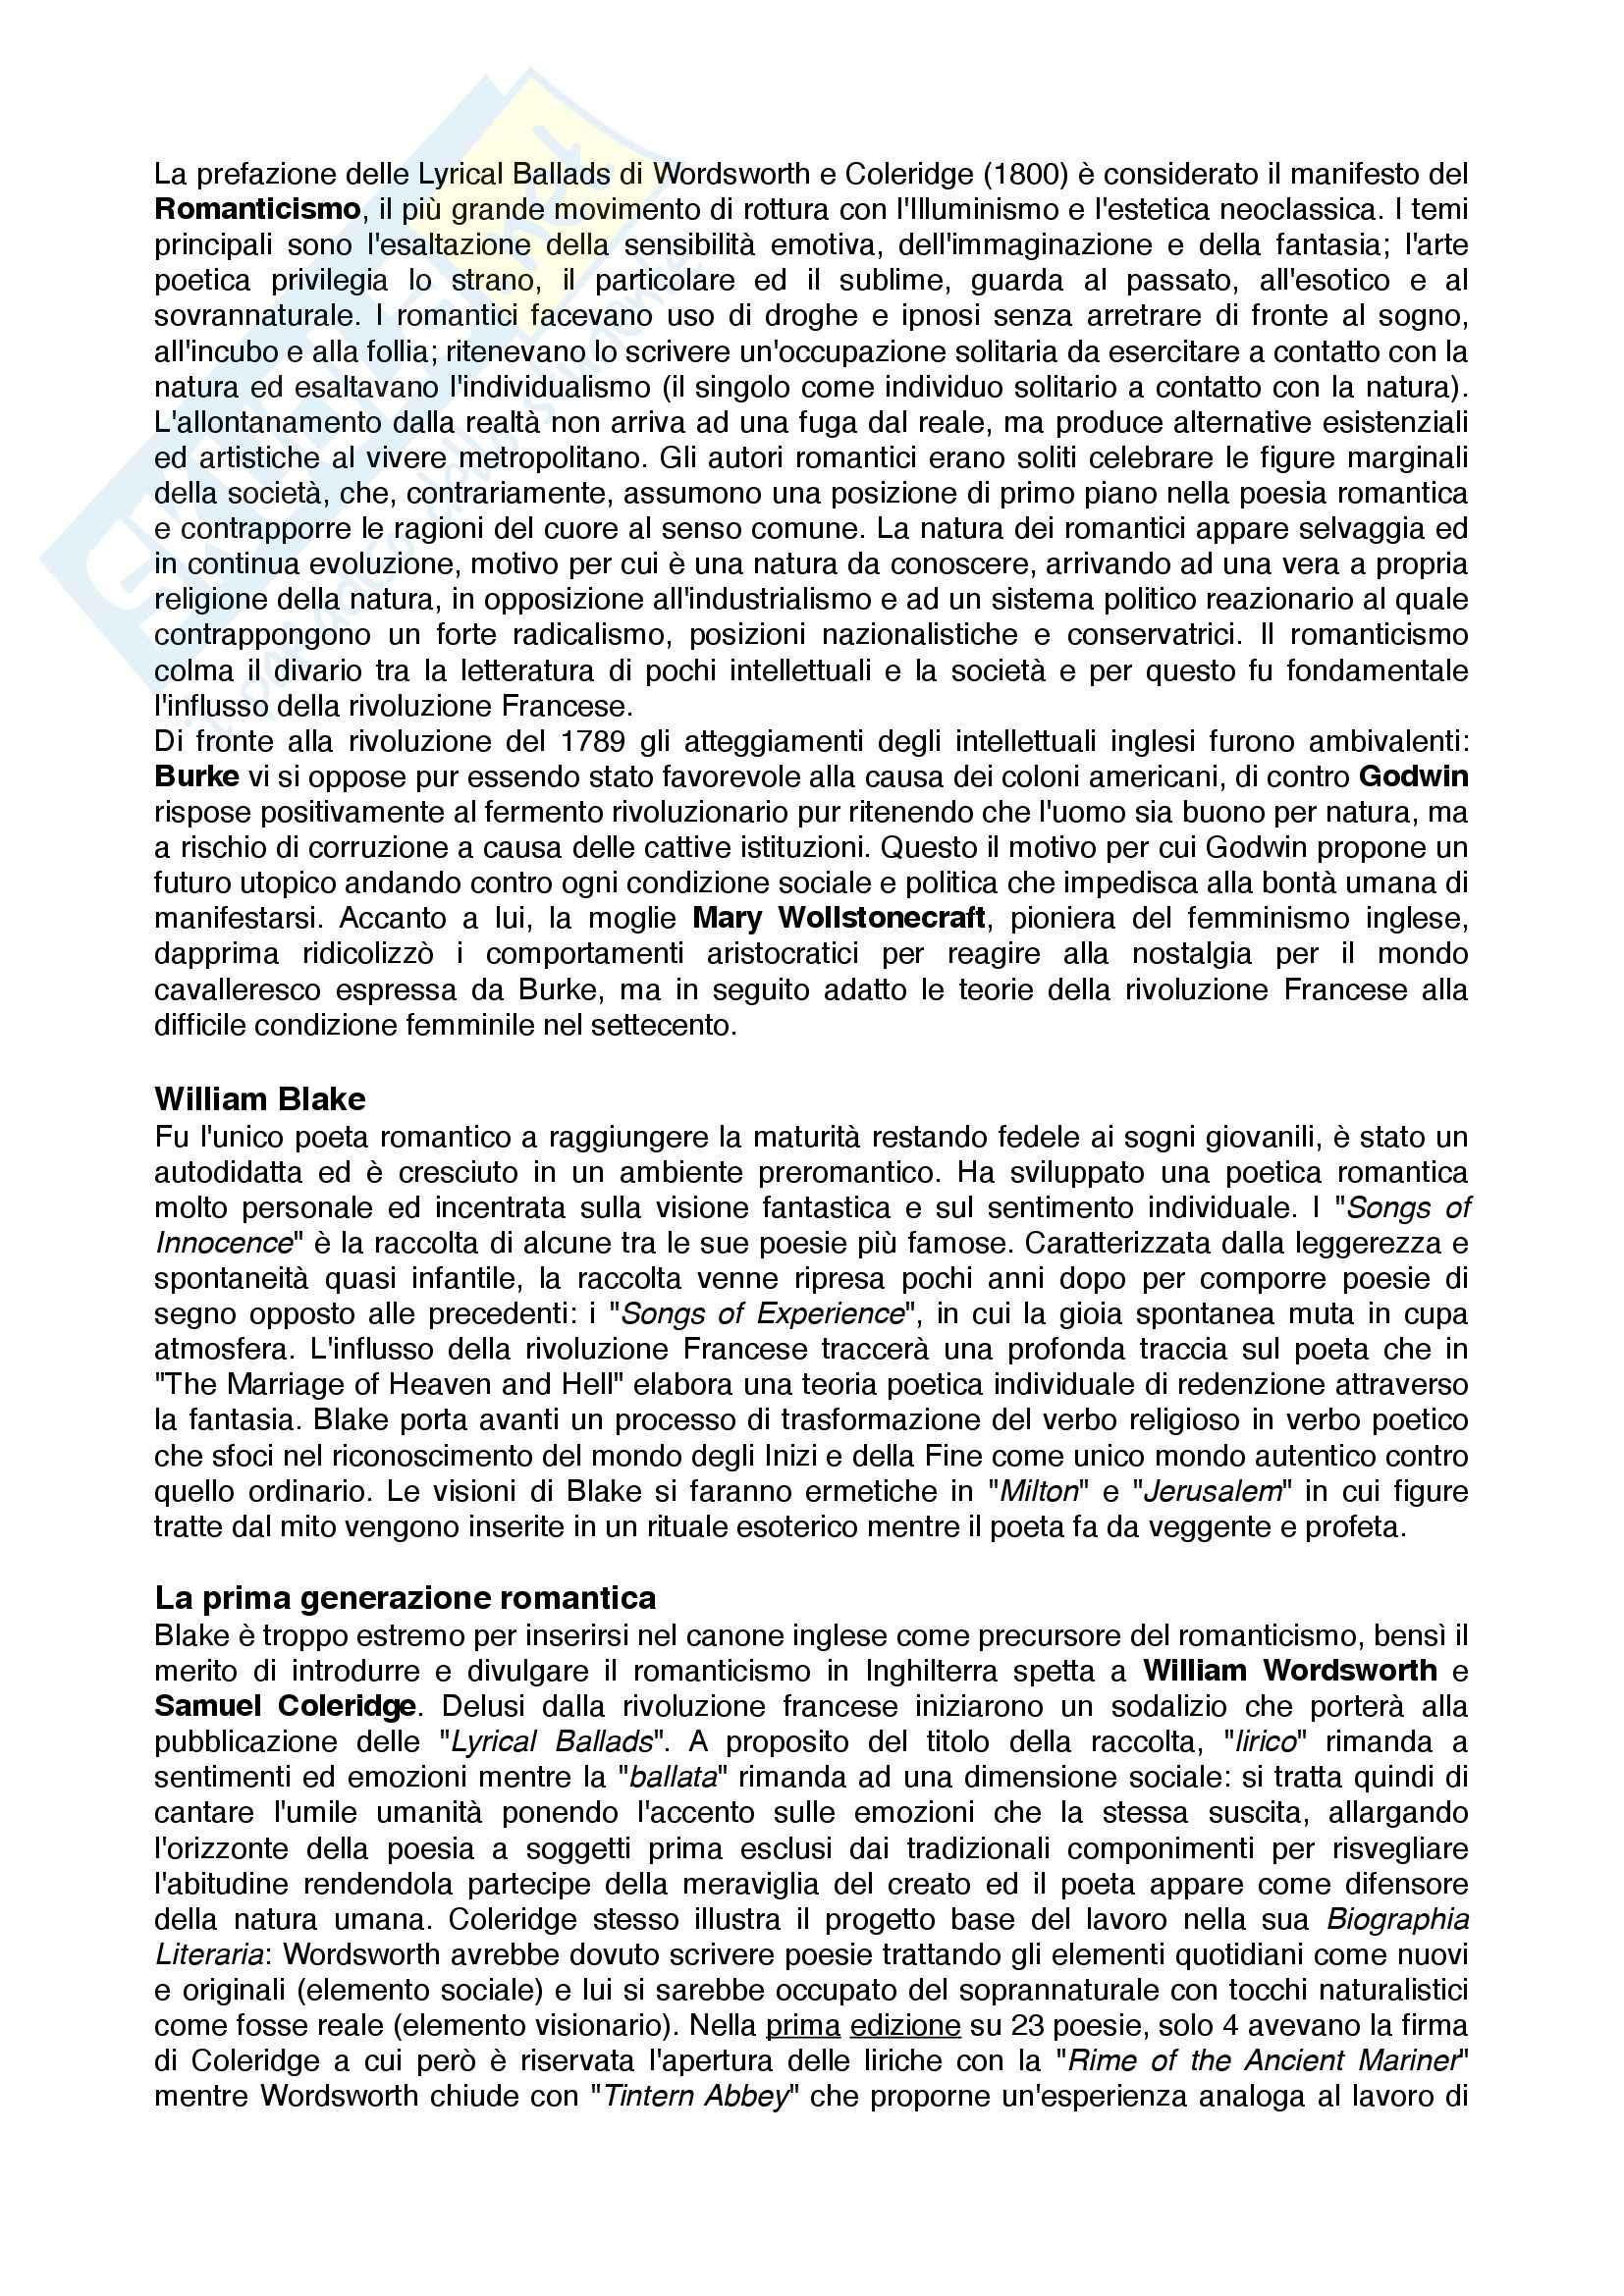 Riassunto esame letteratura inglese, prof. De Rinaldis, Breve Storia della letteratura Inglese, Bertinetti